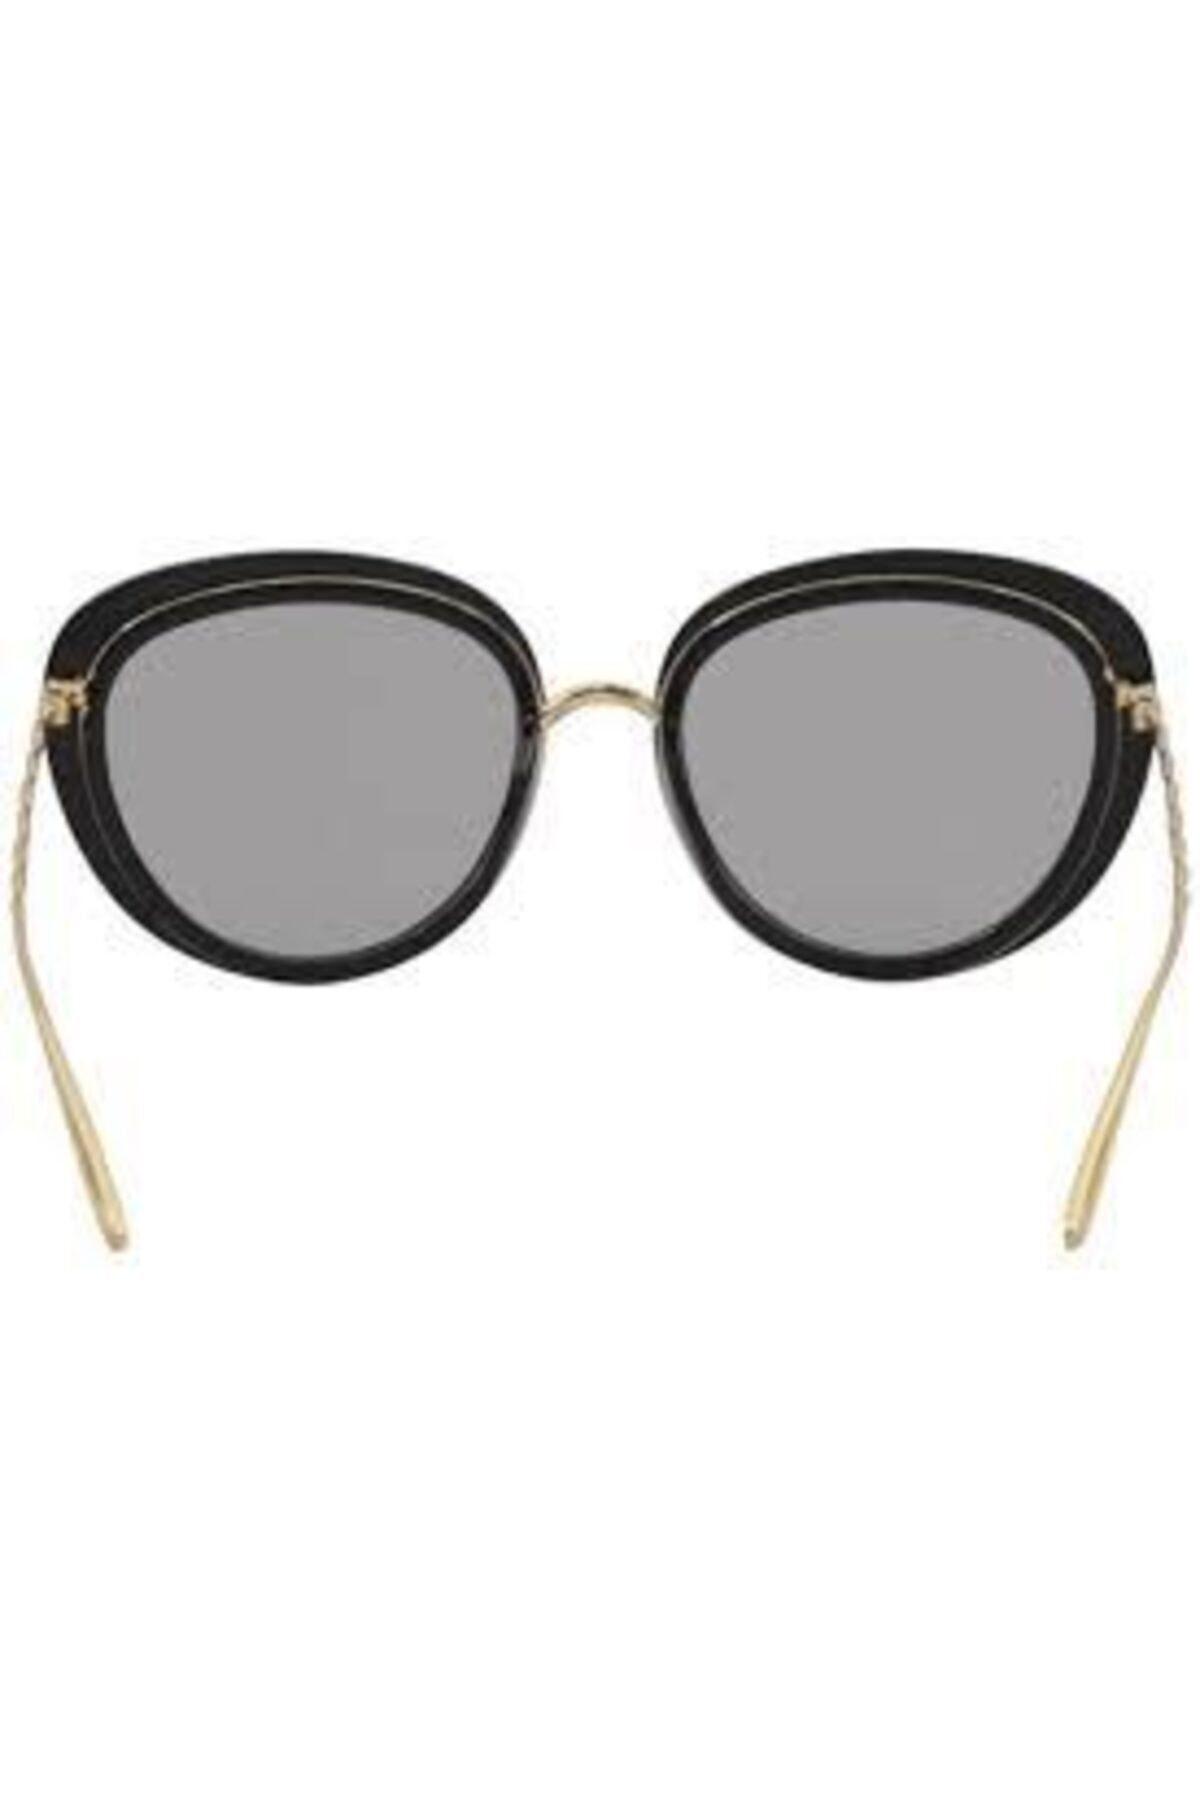 Elie Saab Kadın Güneş Gözlüğü 2